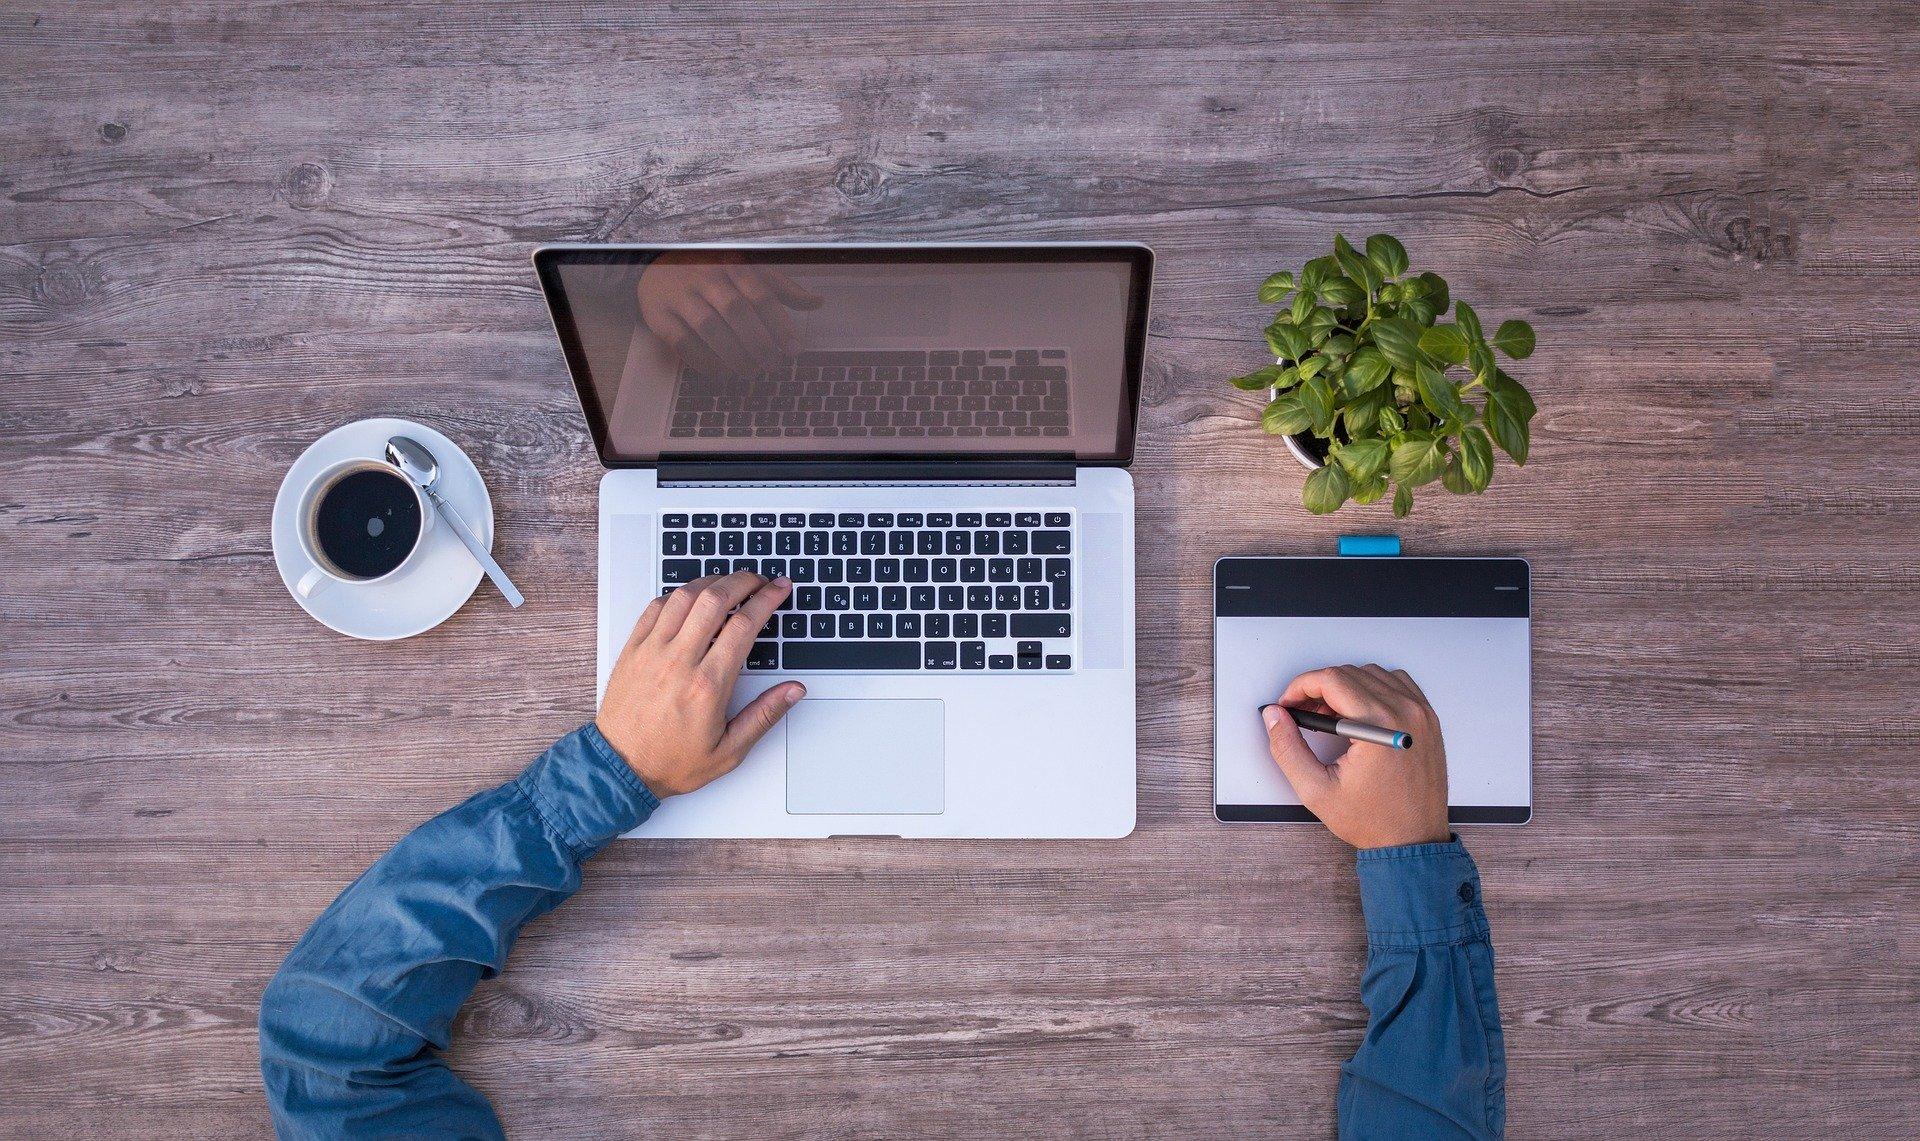 Womit kann man im Internet Geld verdienen?